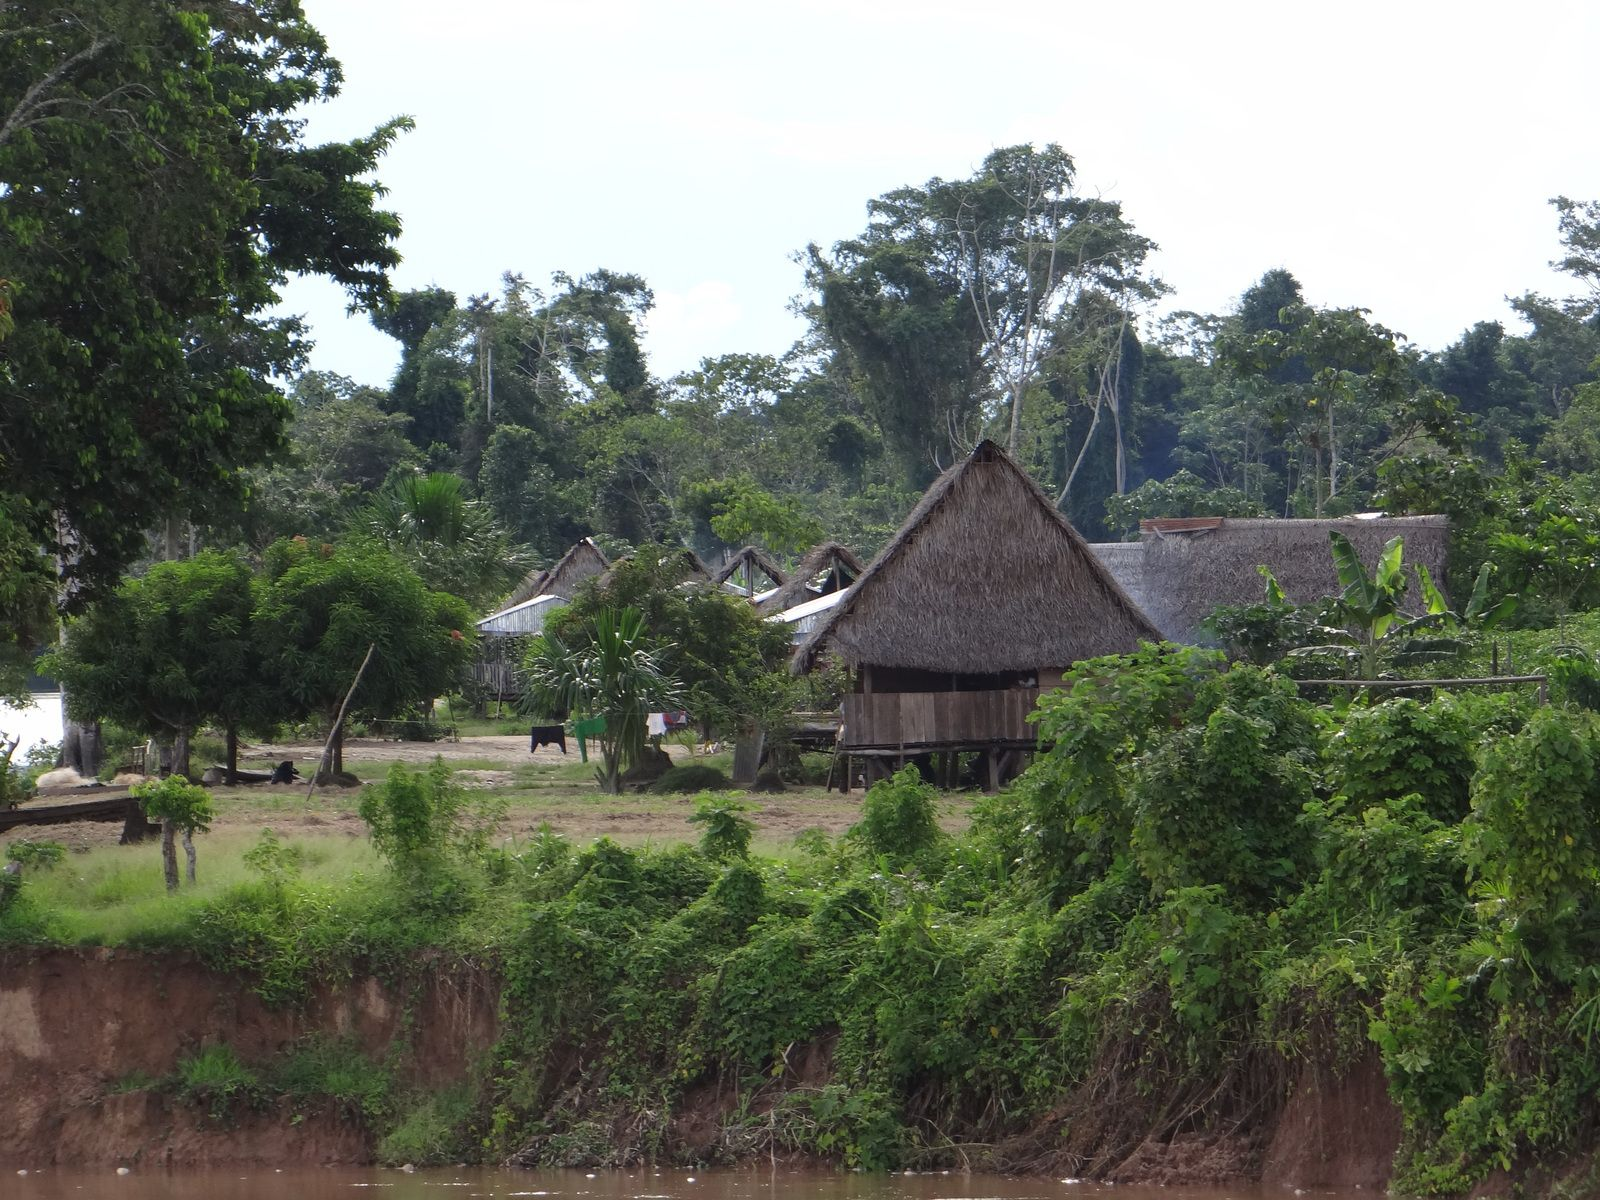 Voyage au PEROU 2014. Chachapoyas. Site de Kuelap. Lagunas. Réserve Pacaya-Samiria. Lancha de Lagunas à Iquitos